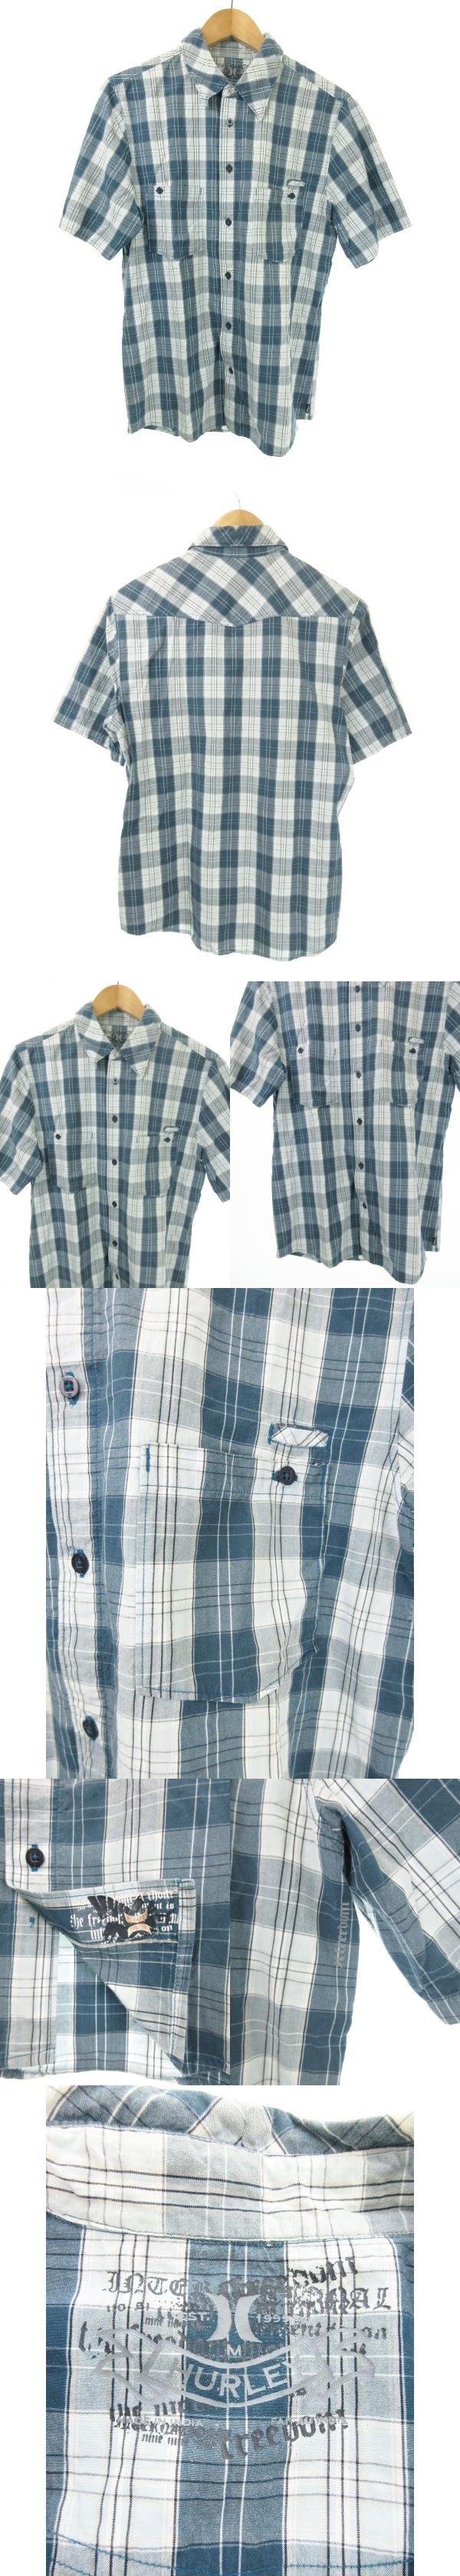 シャツ チェック 半袖 カジュアル M 青 ブルー 白 ホワイト /MN6